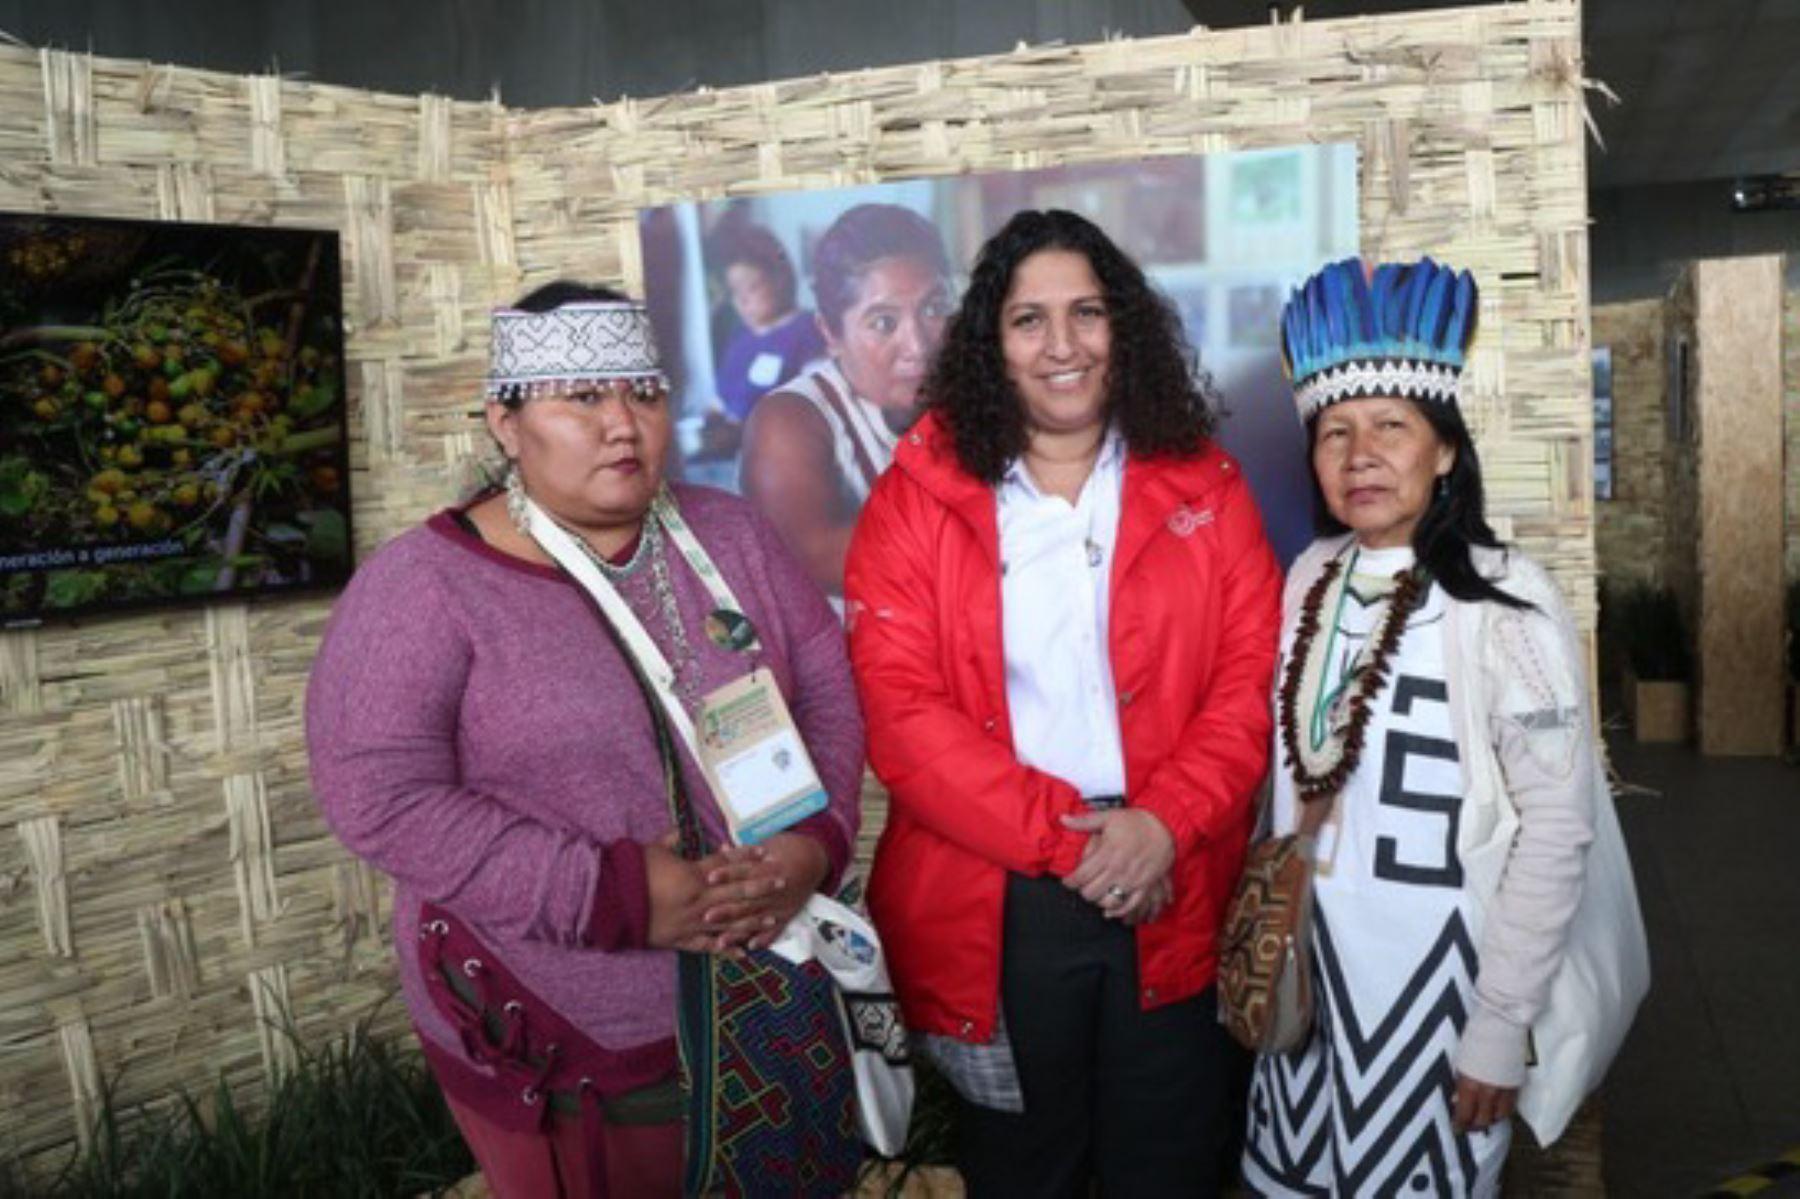 La ministra del Ambiente, Fabiola Muñoz, participó en la inauguración de la maloca durante la III Caplac, que se desarrolla en la ciudad de Lima.